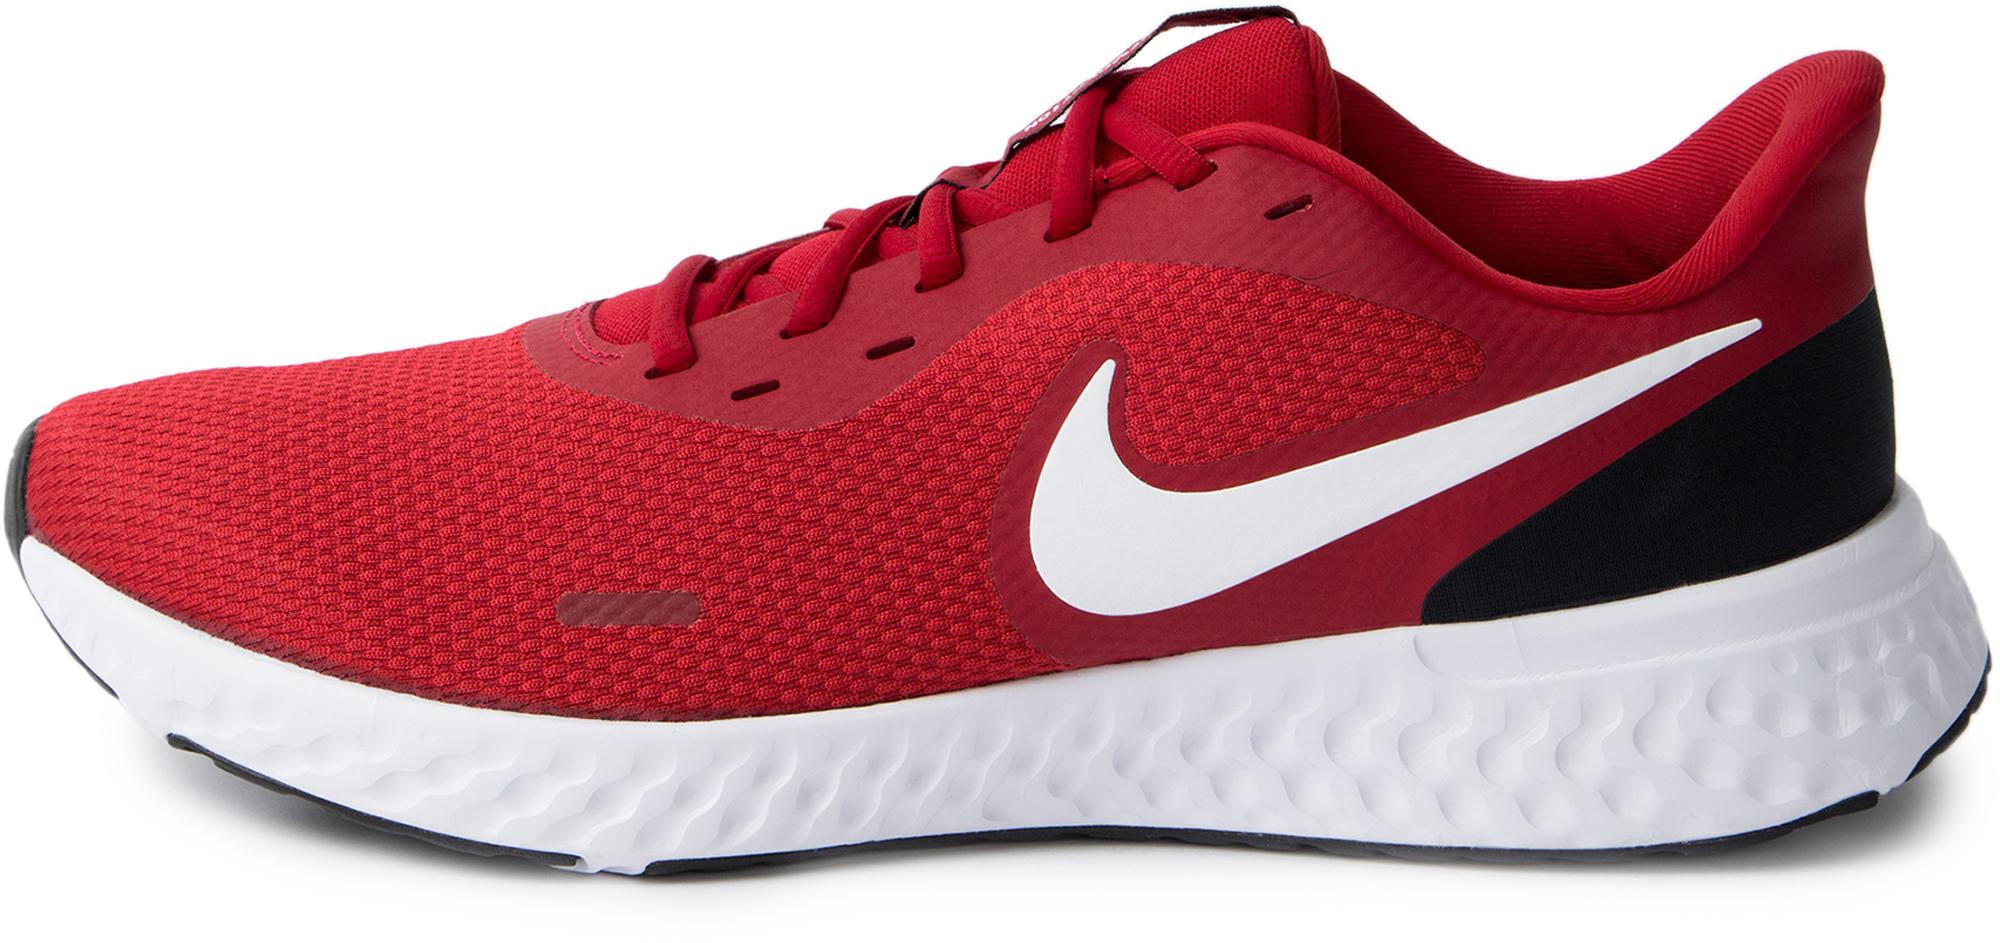 цена Nike Кроссовки мужские Nike Revolution 5, размер 44.5 онлайн в 2017 году